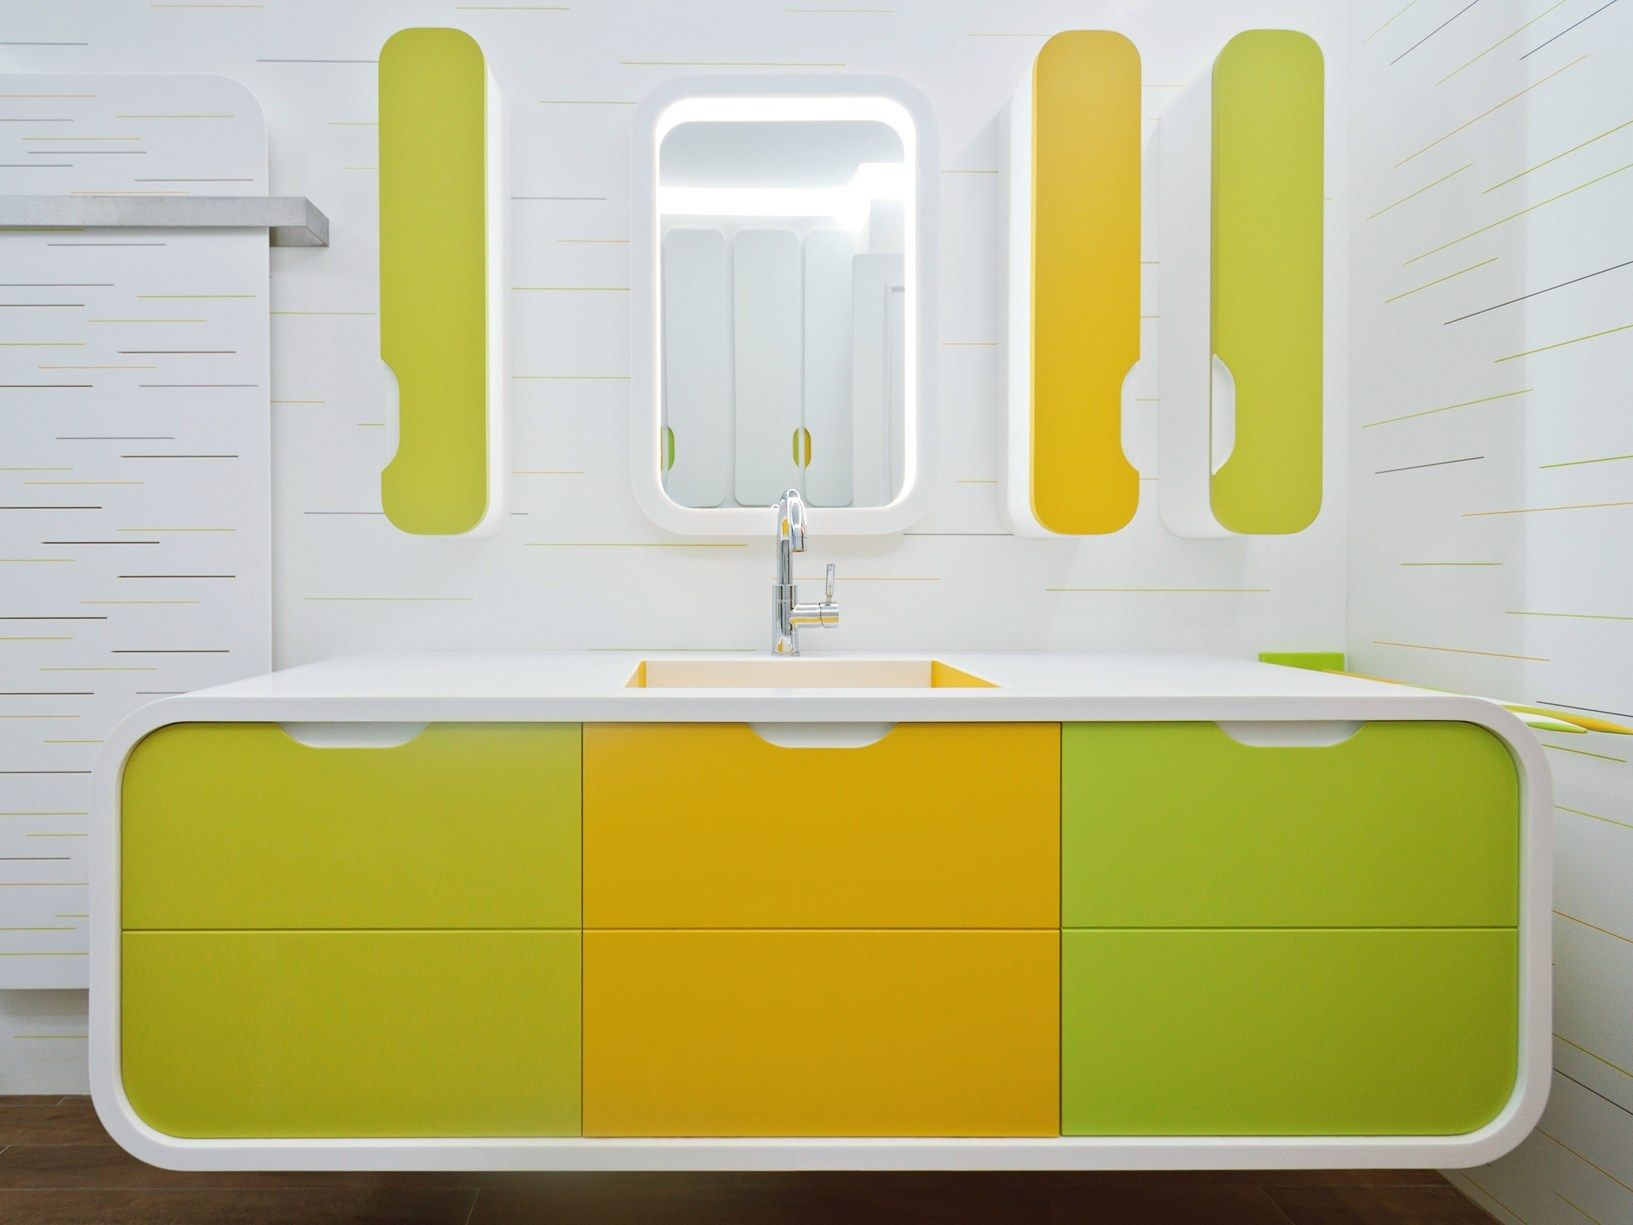 Une salle de bains pour enfants colorée et pétillante réalisée en HI ...